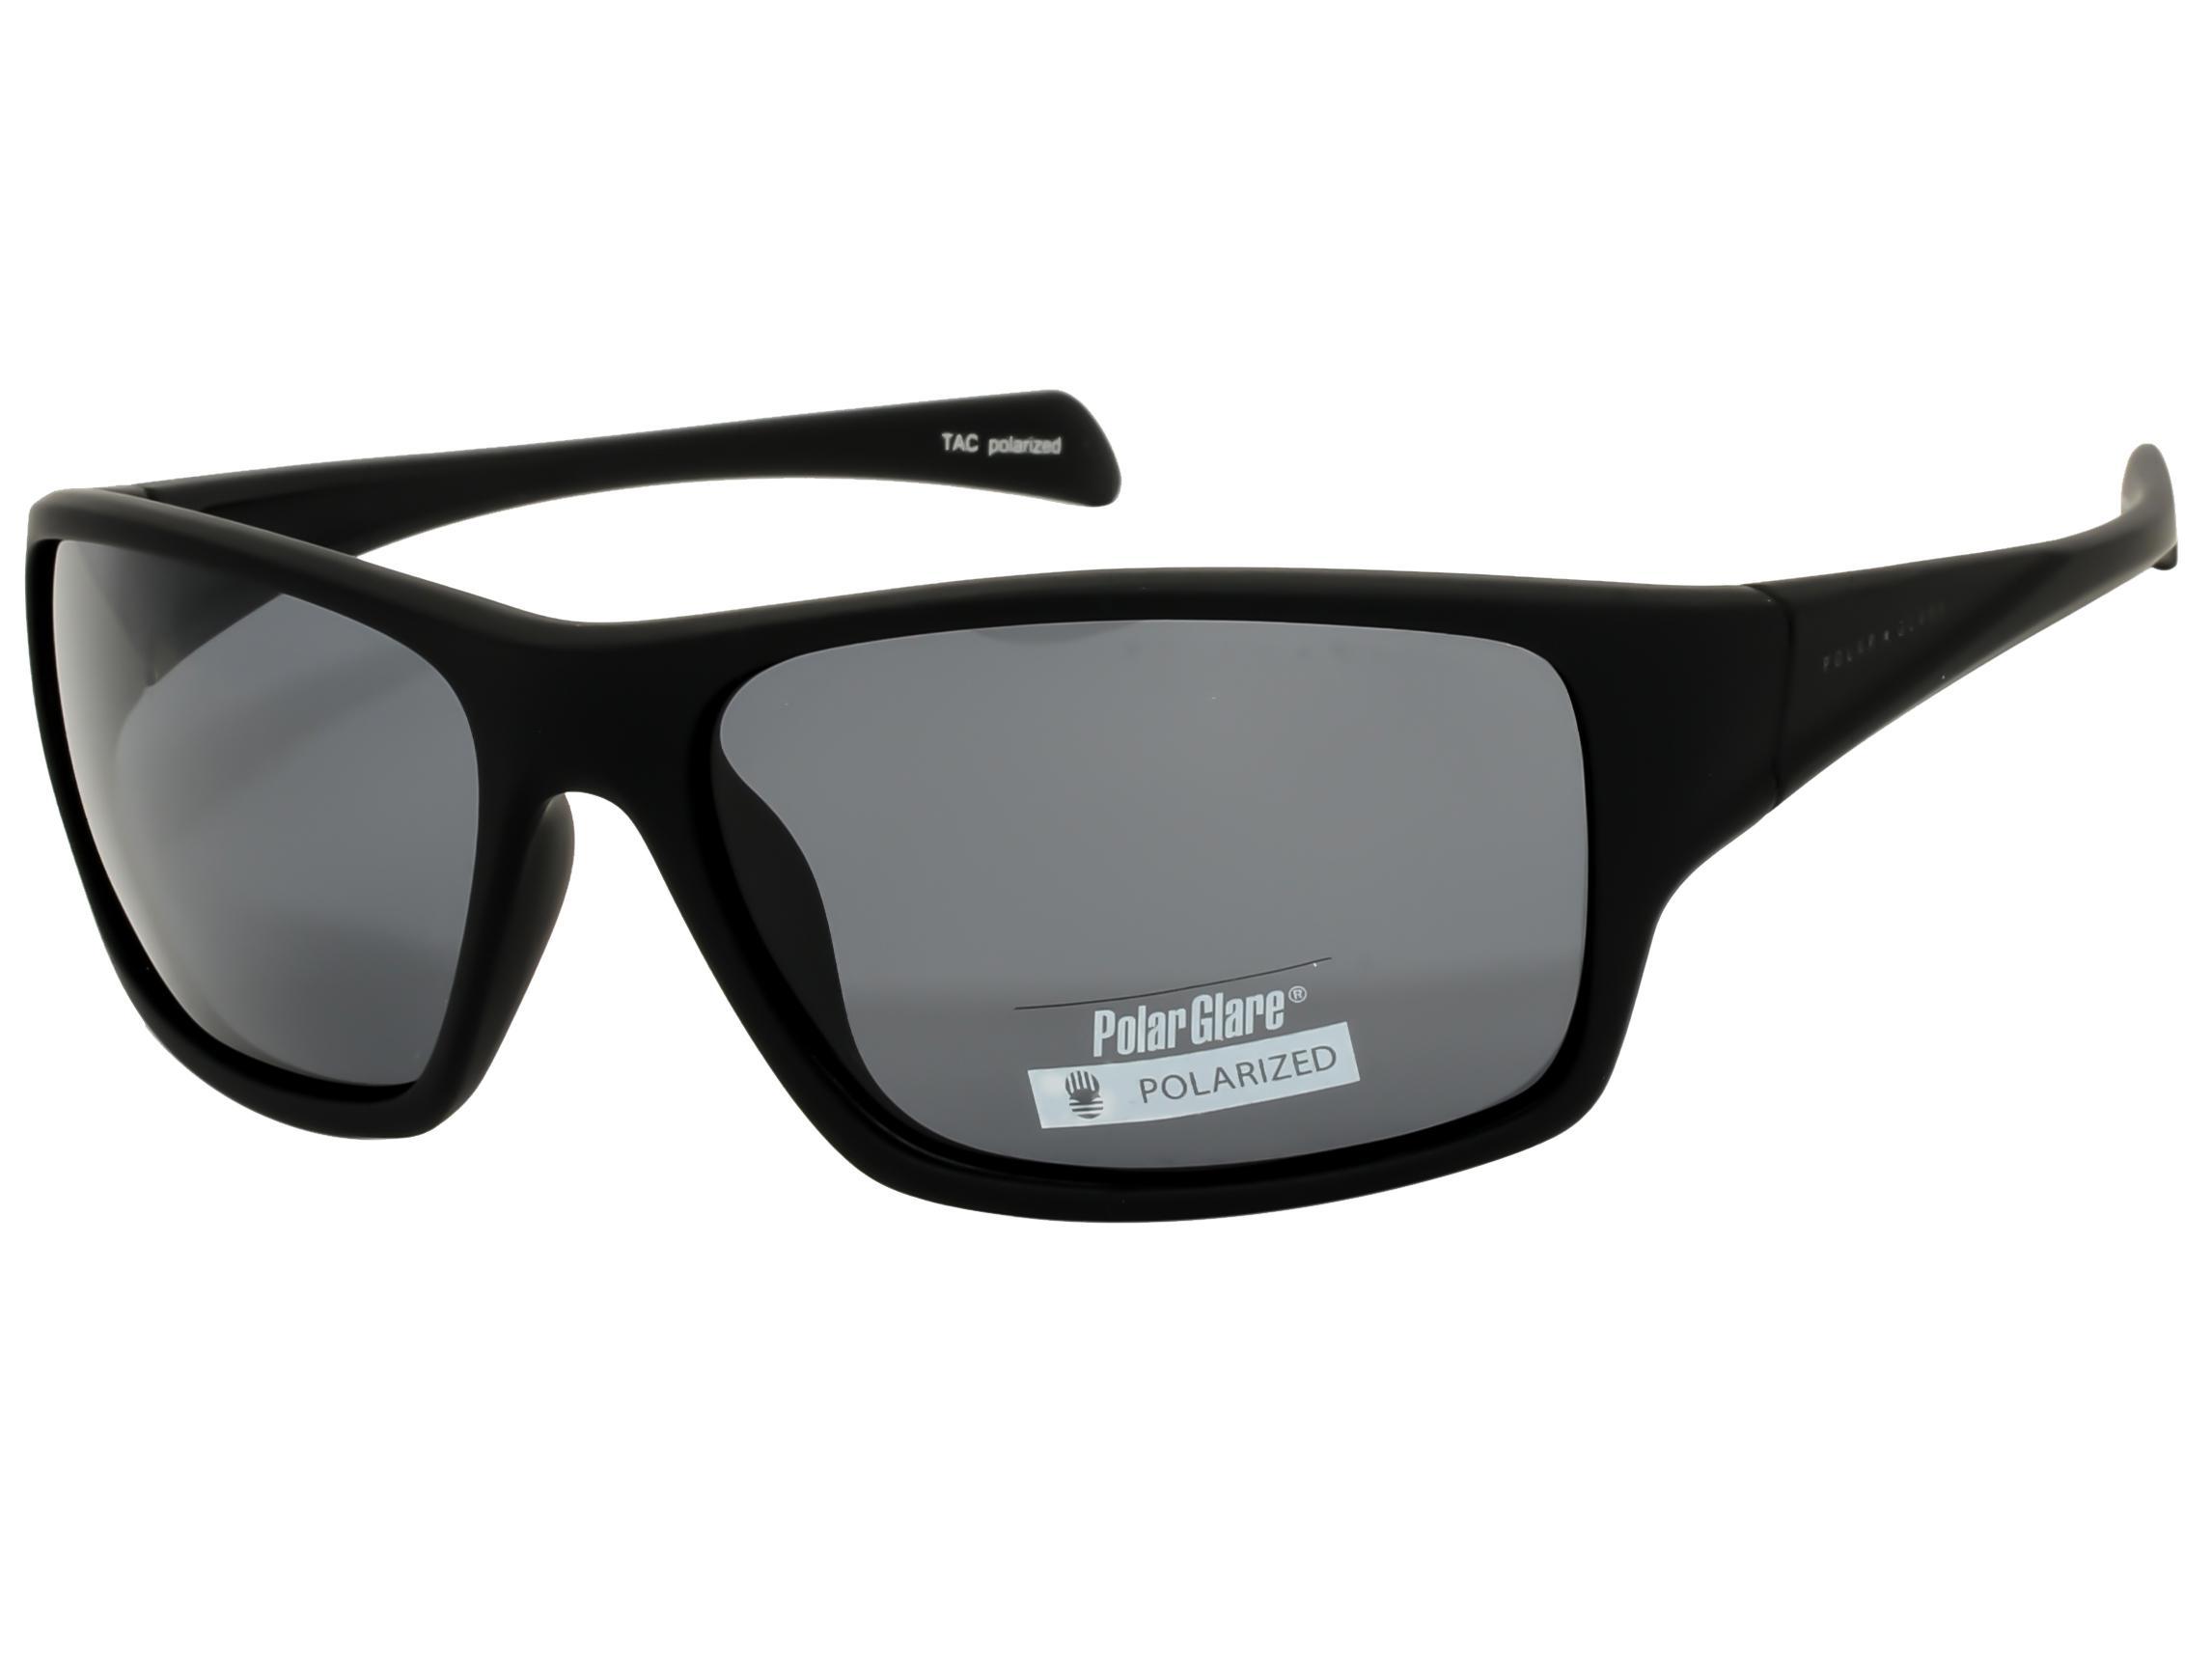 Очки солнцезащитные Polar Glare PG 6102APG 6102AПоляризационные солнцезащитные очки. Высокое качество, современныи? дизаи?н, прочные поликарбонатные линзы